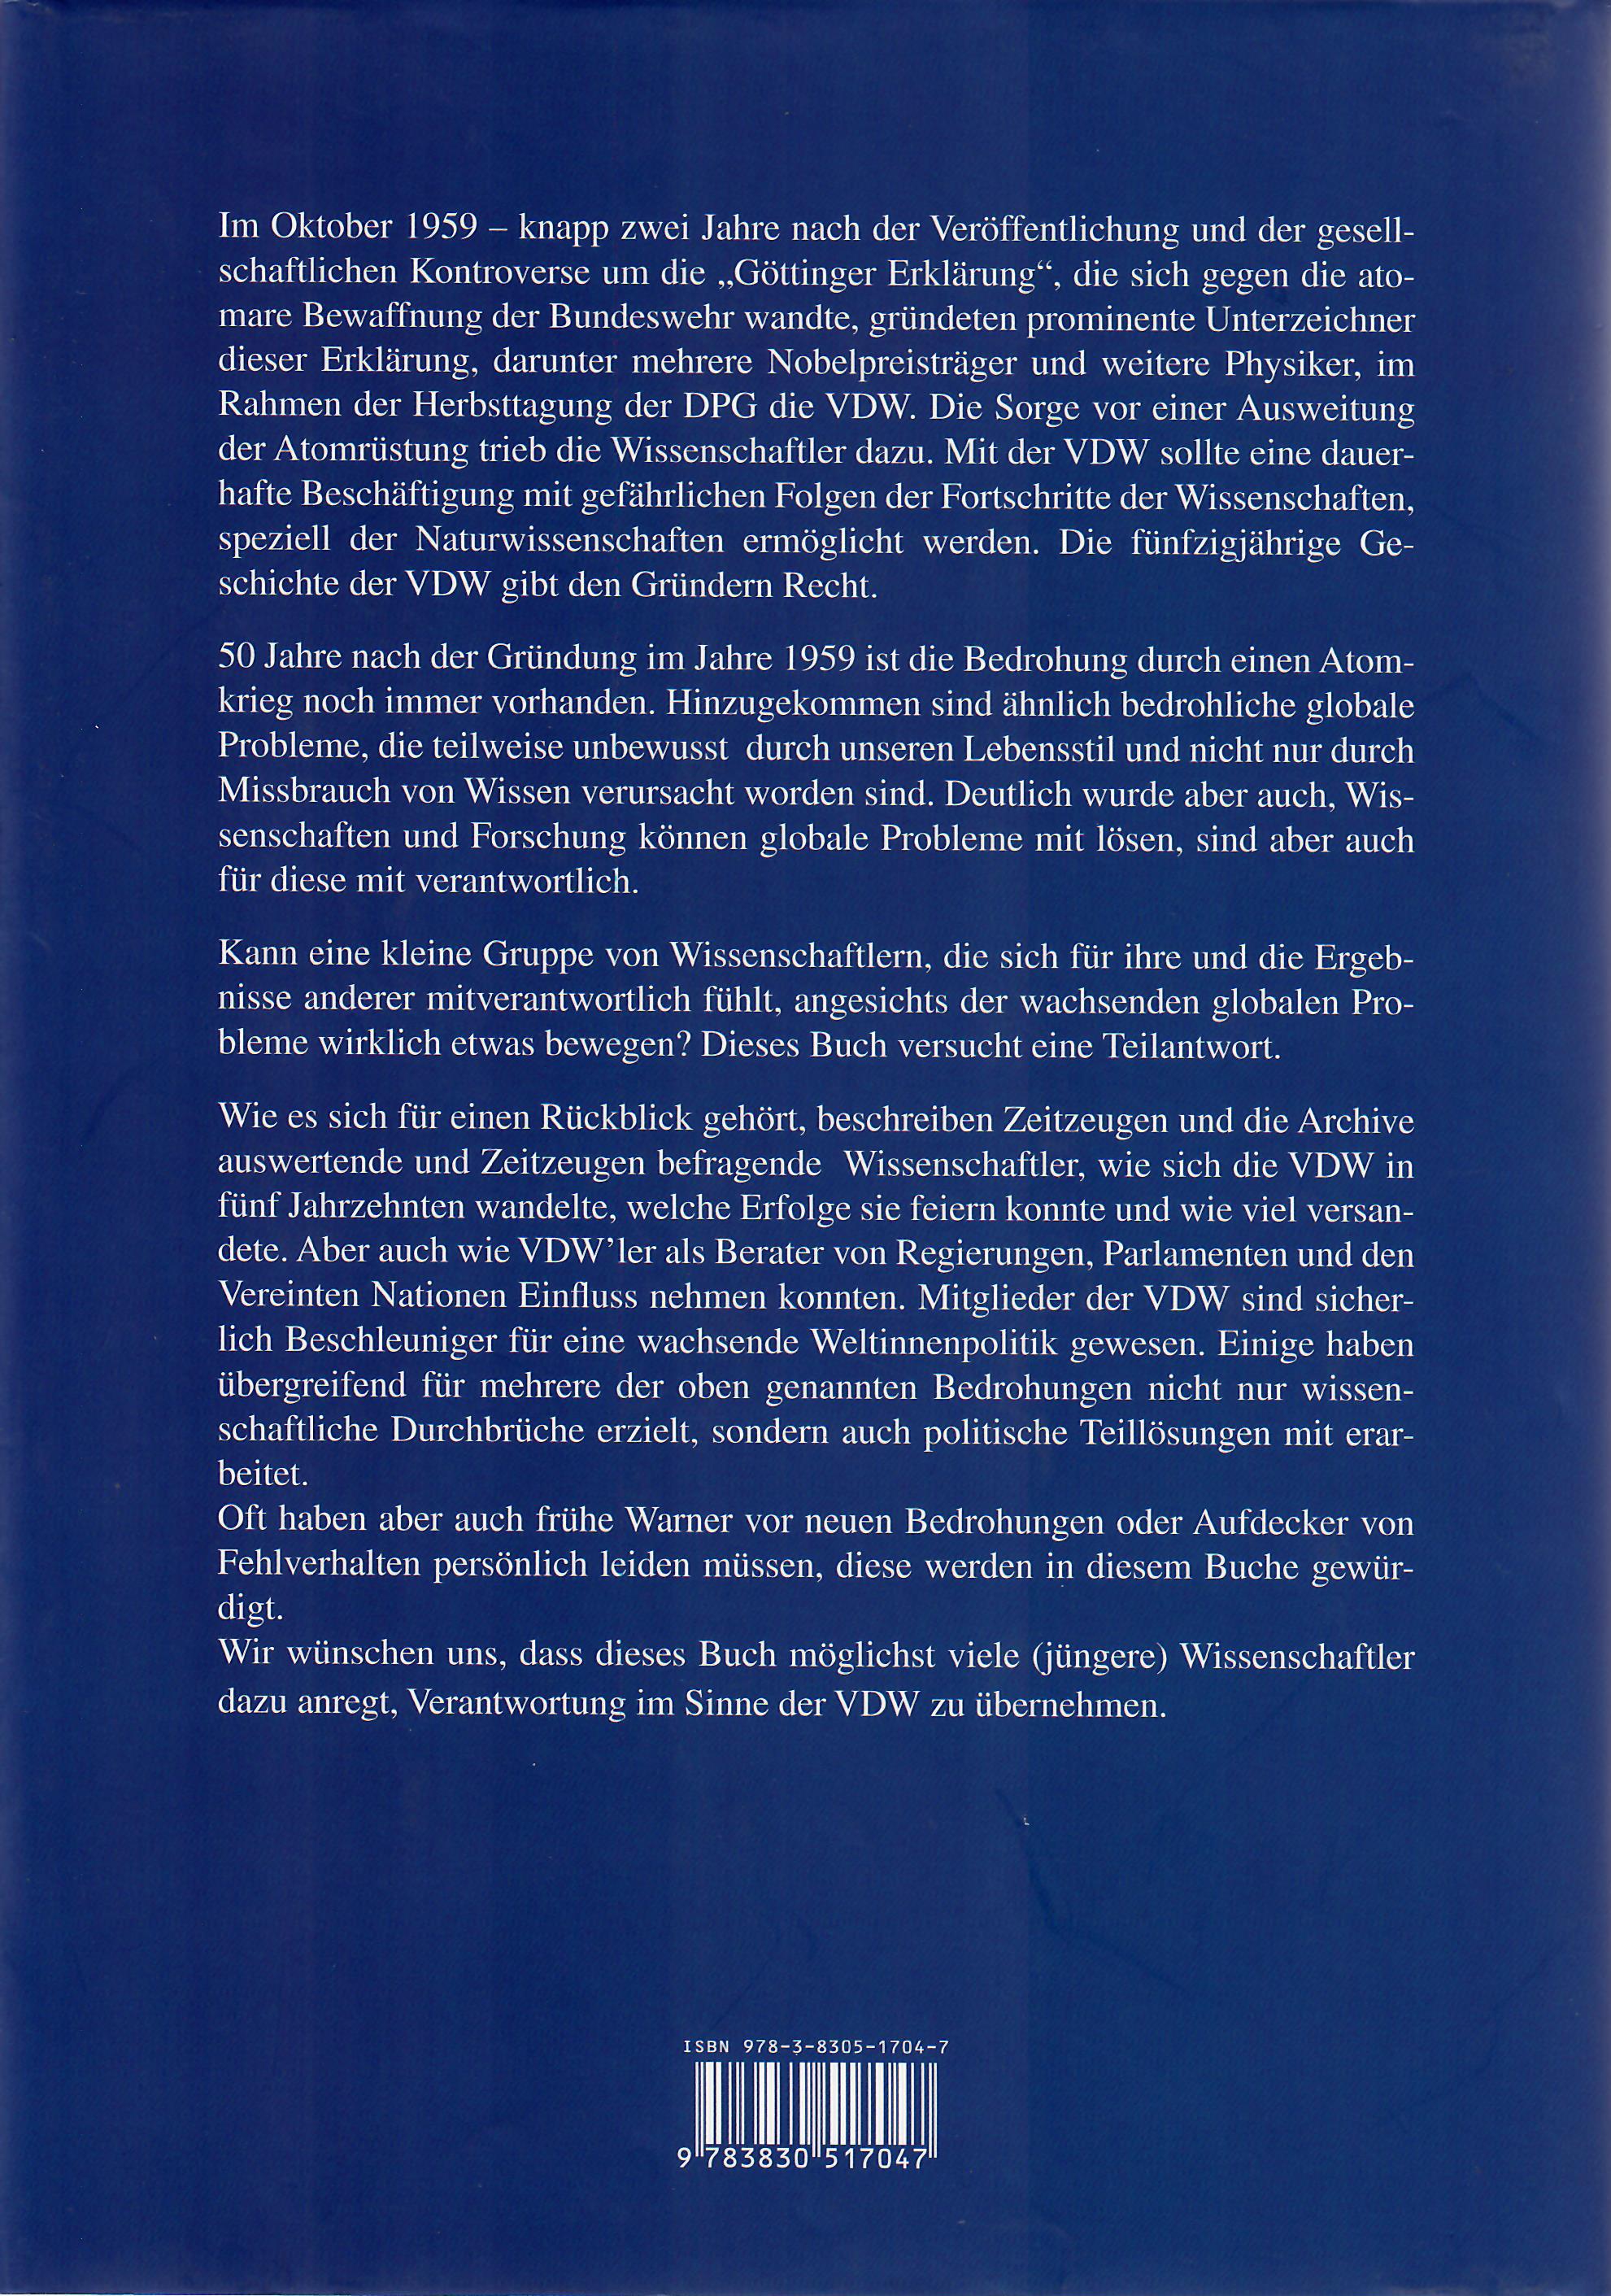 50 Jahre VDW Wissenschaft Verantwortung Frieden (Hardcover, Klappentext)